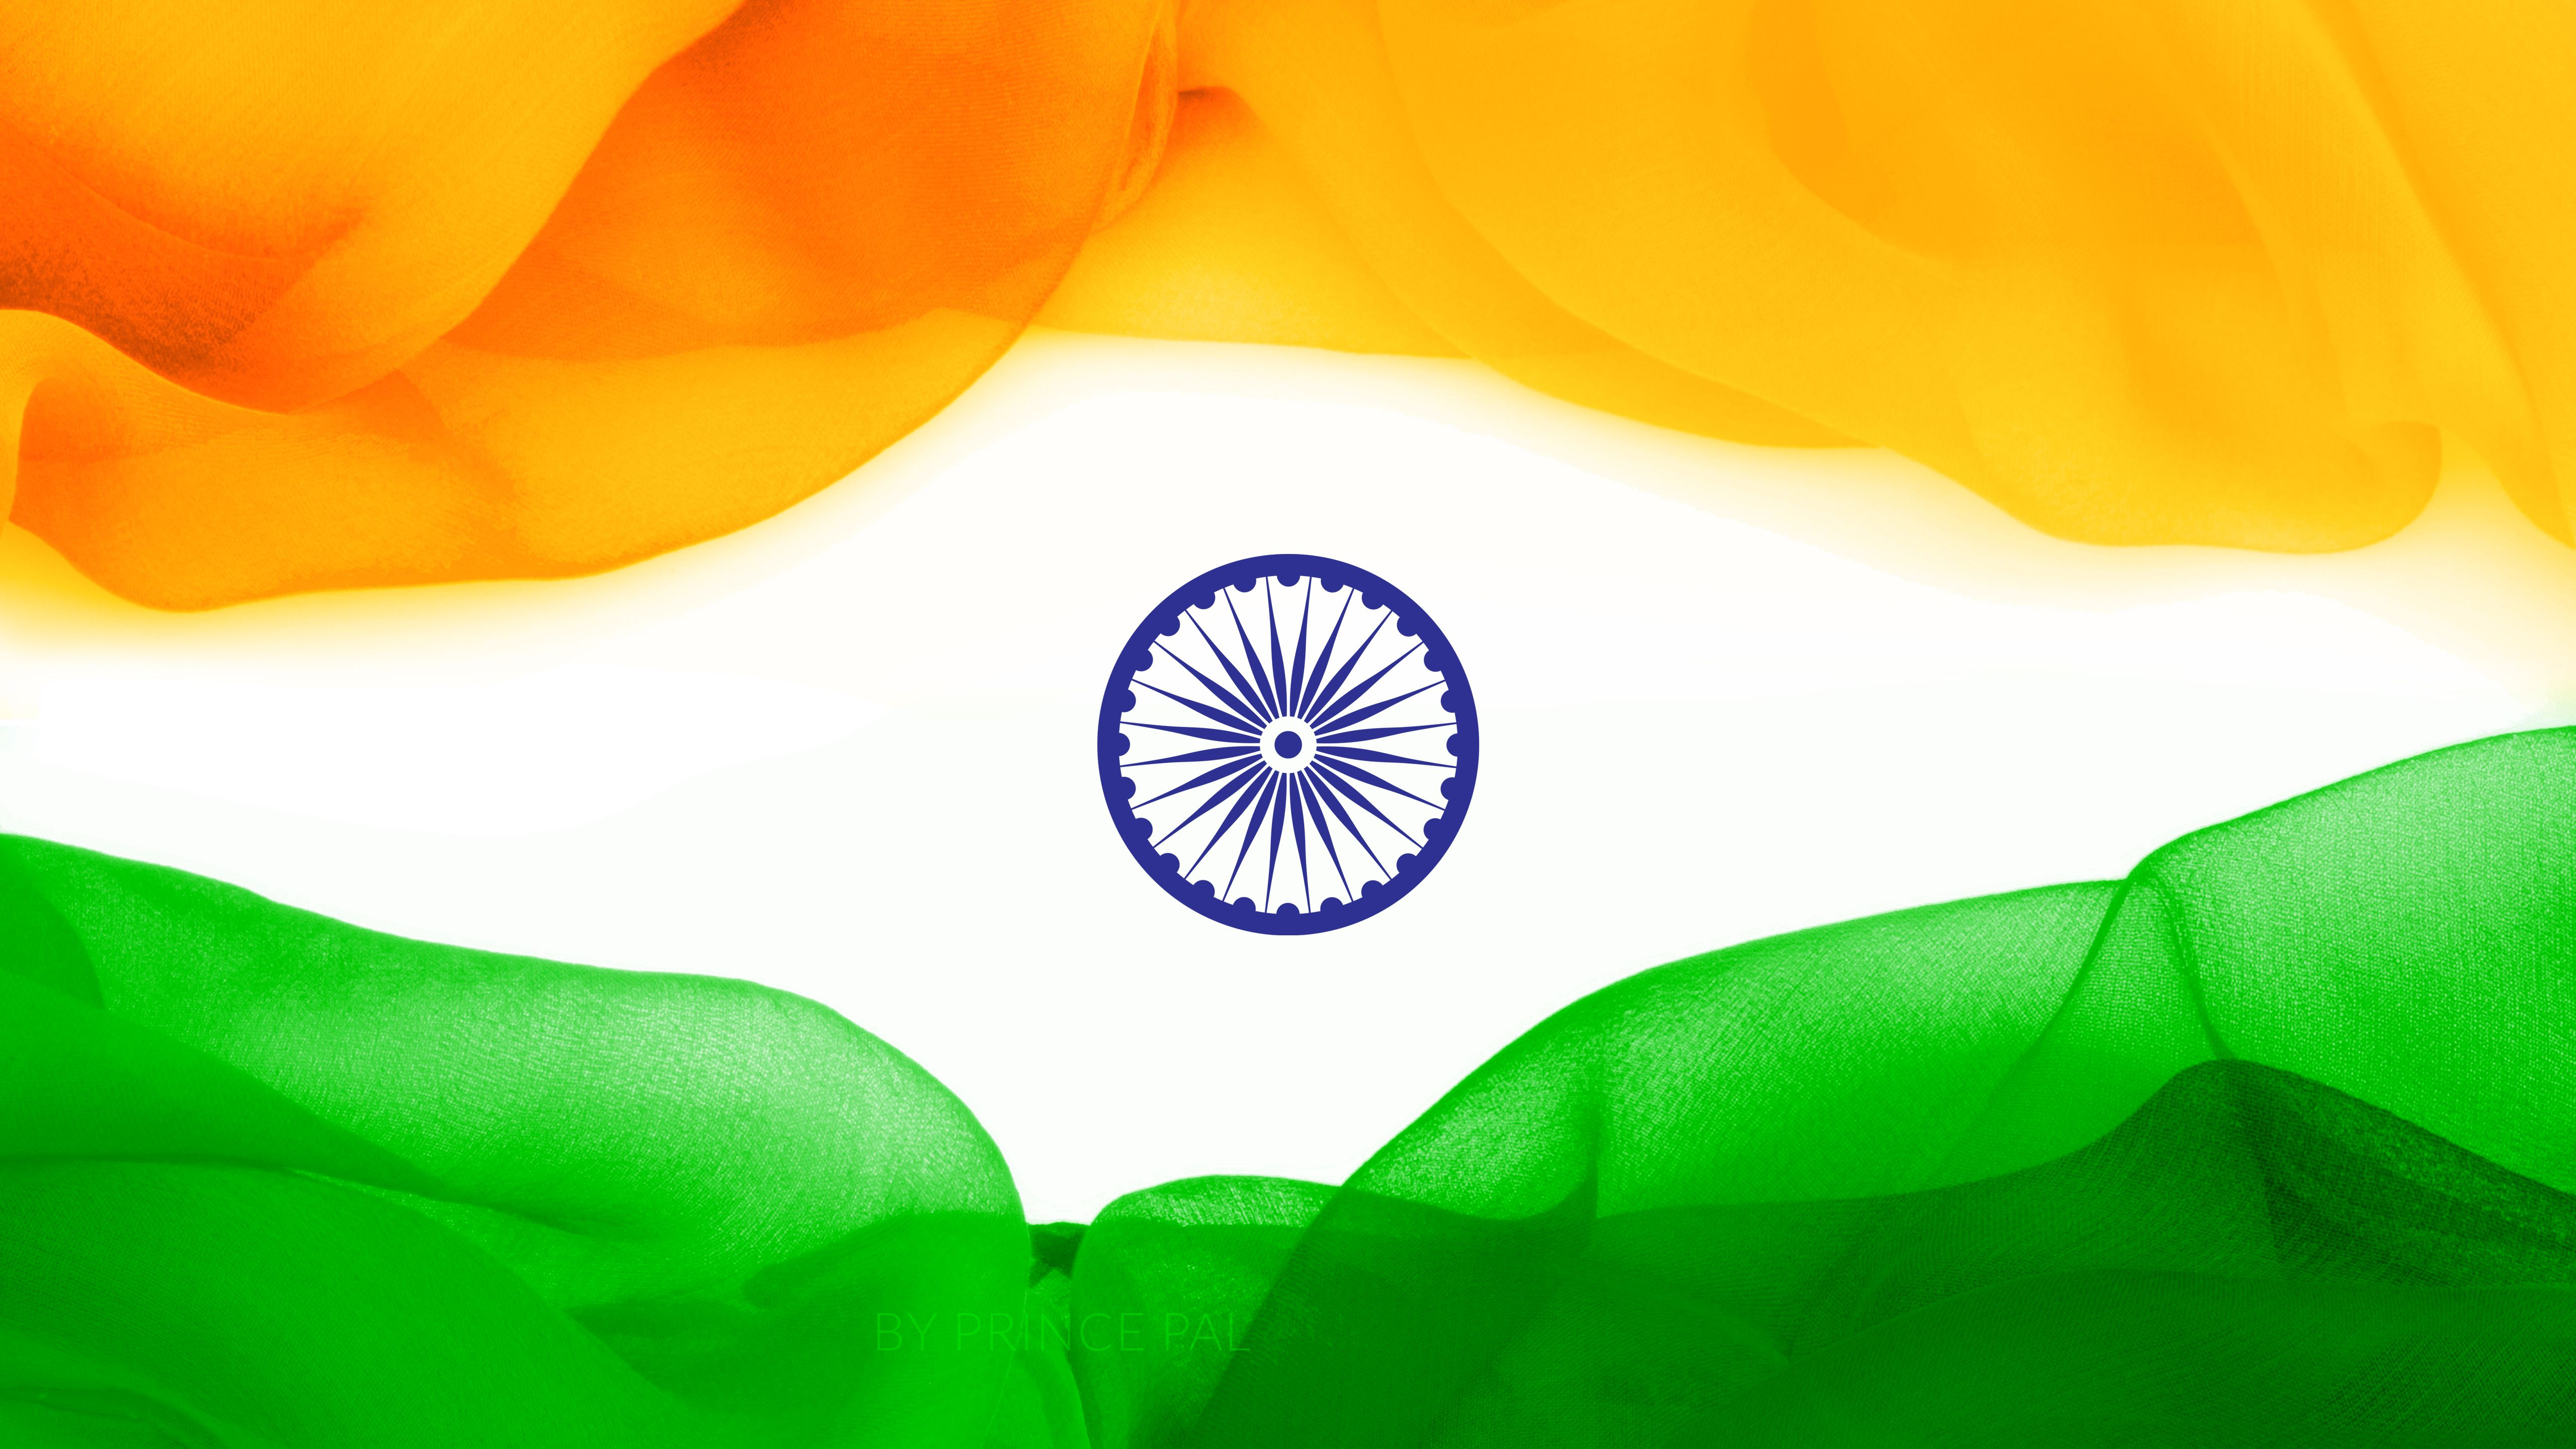 5120x2880 Hình nền Cờ của Ấn Độ, Ba màu, độ phân giải cao, 4K, 5K, Thế giới